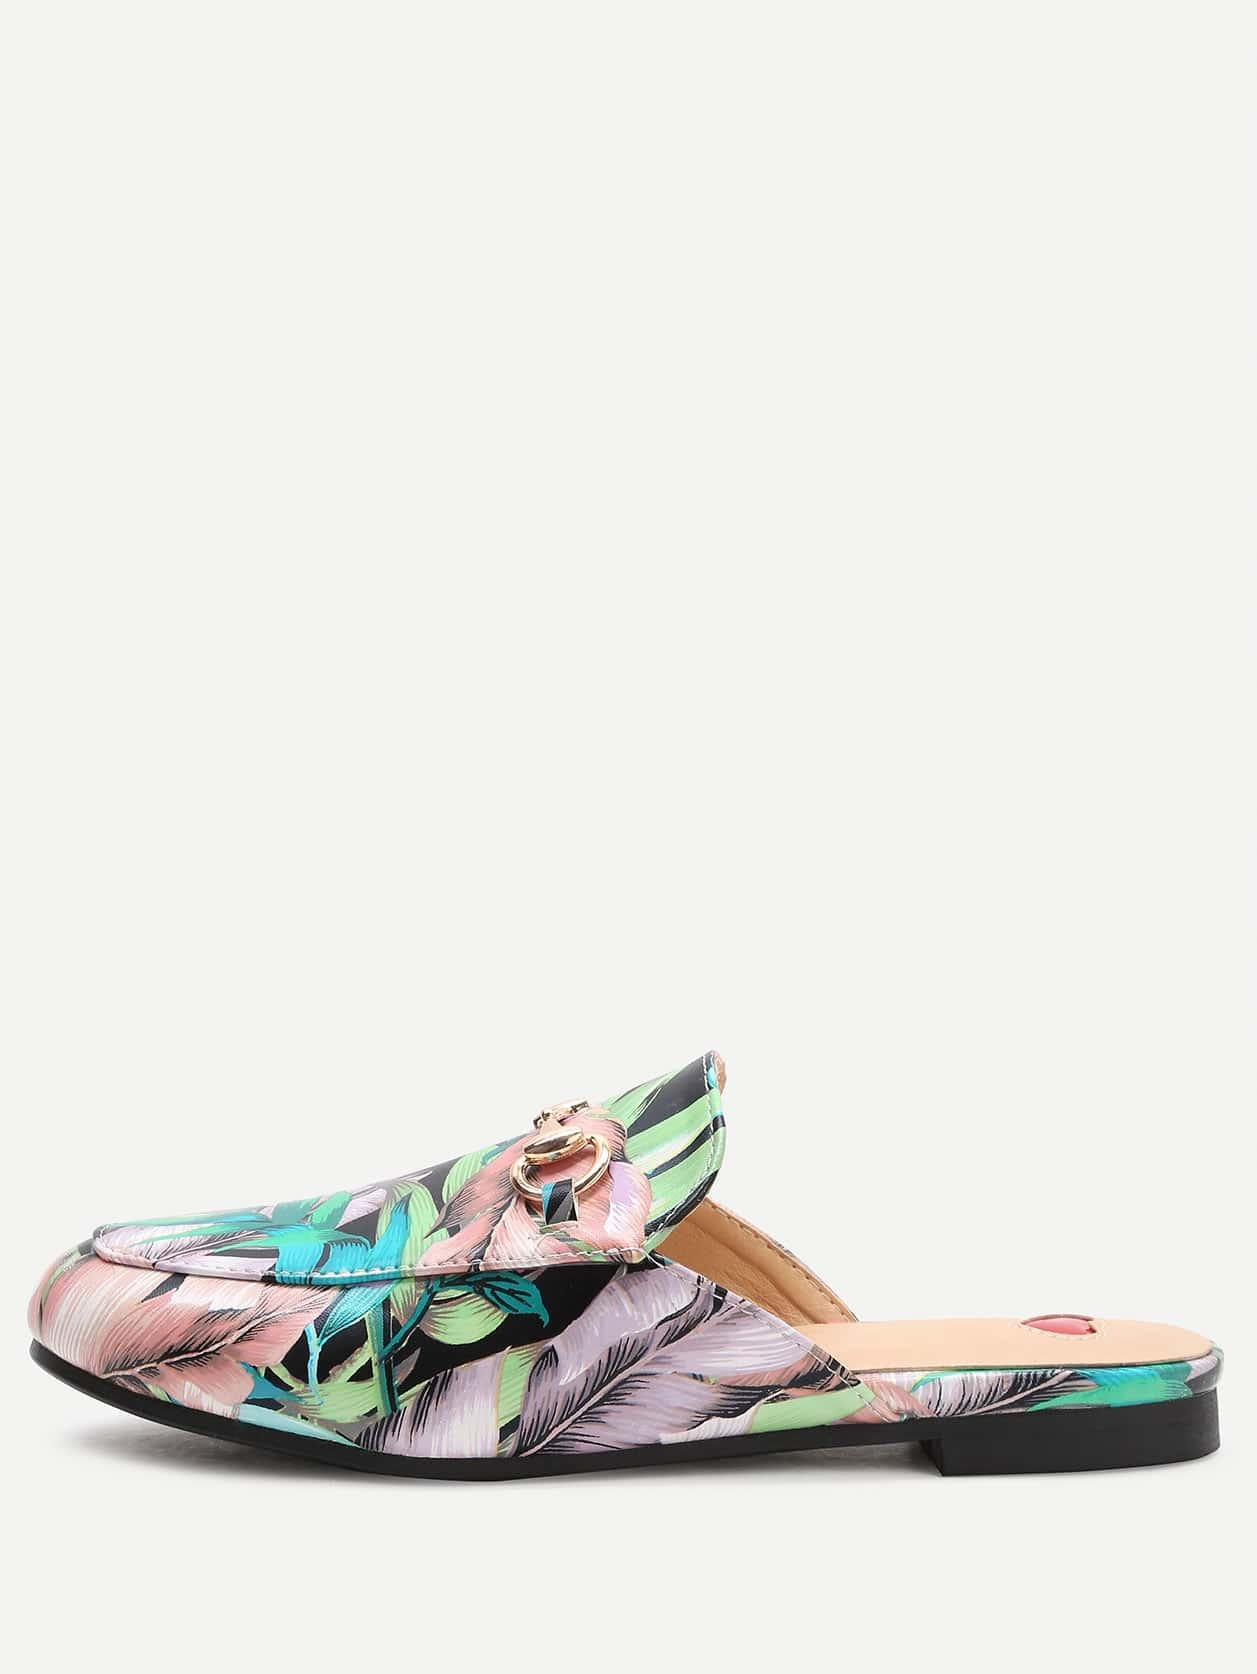 shoes170310813_2